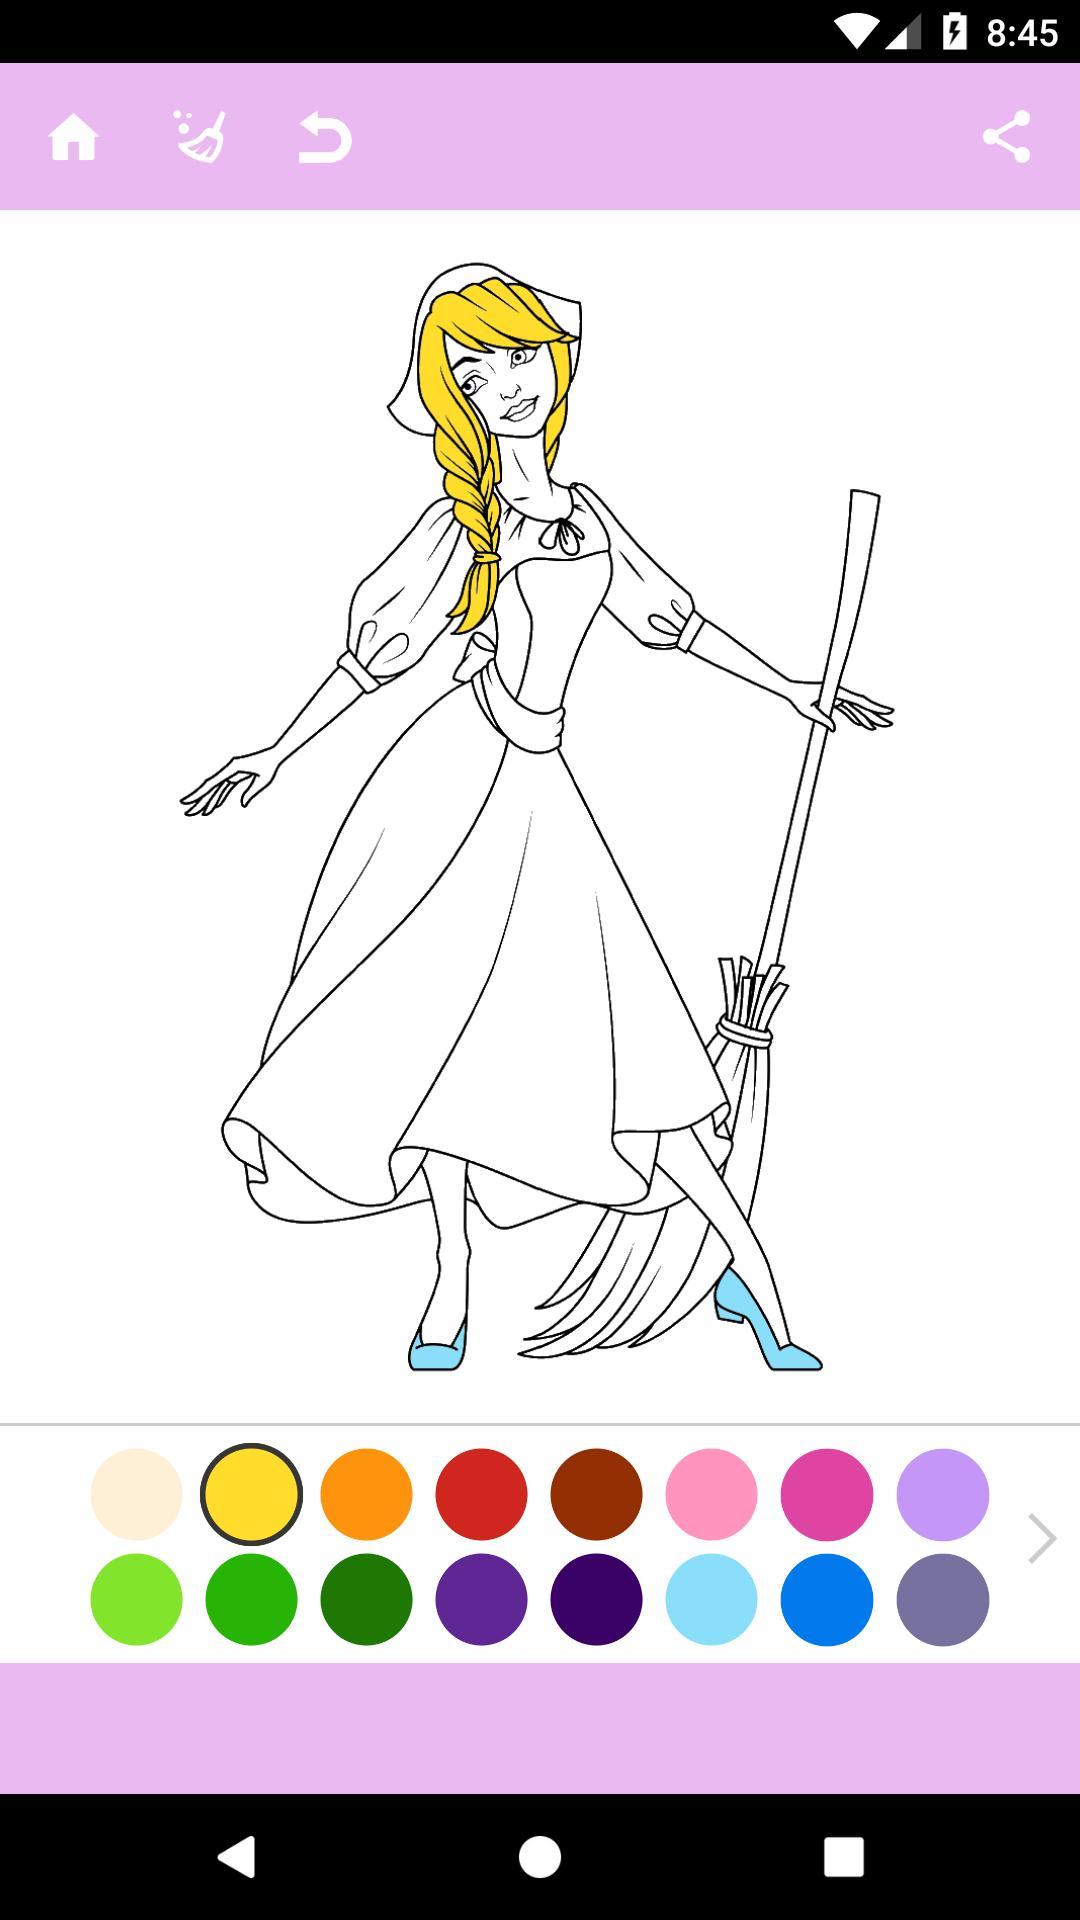 раскраски принцессы для андроид скачать Apk